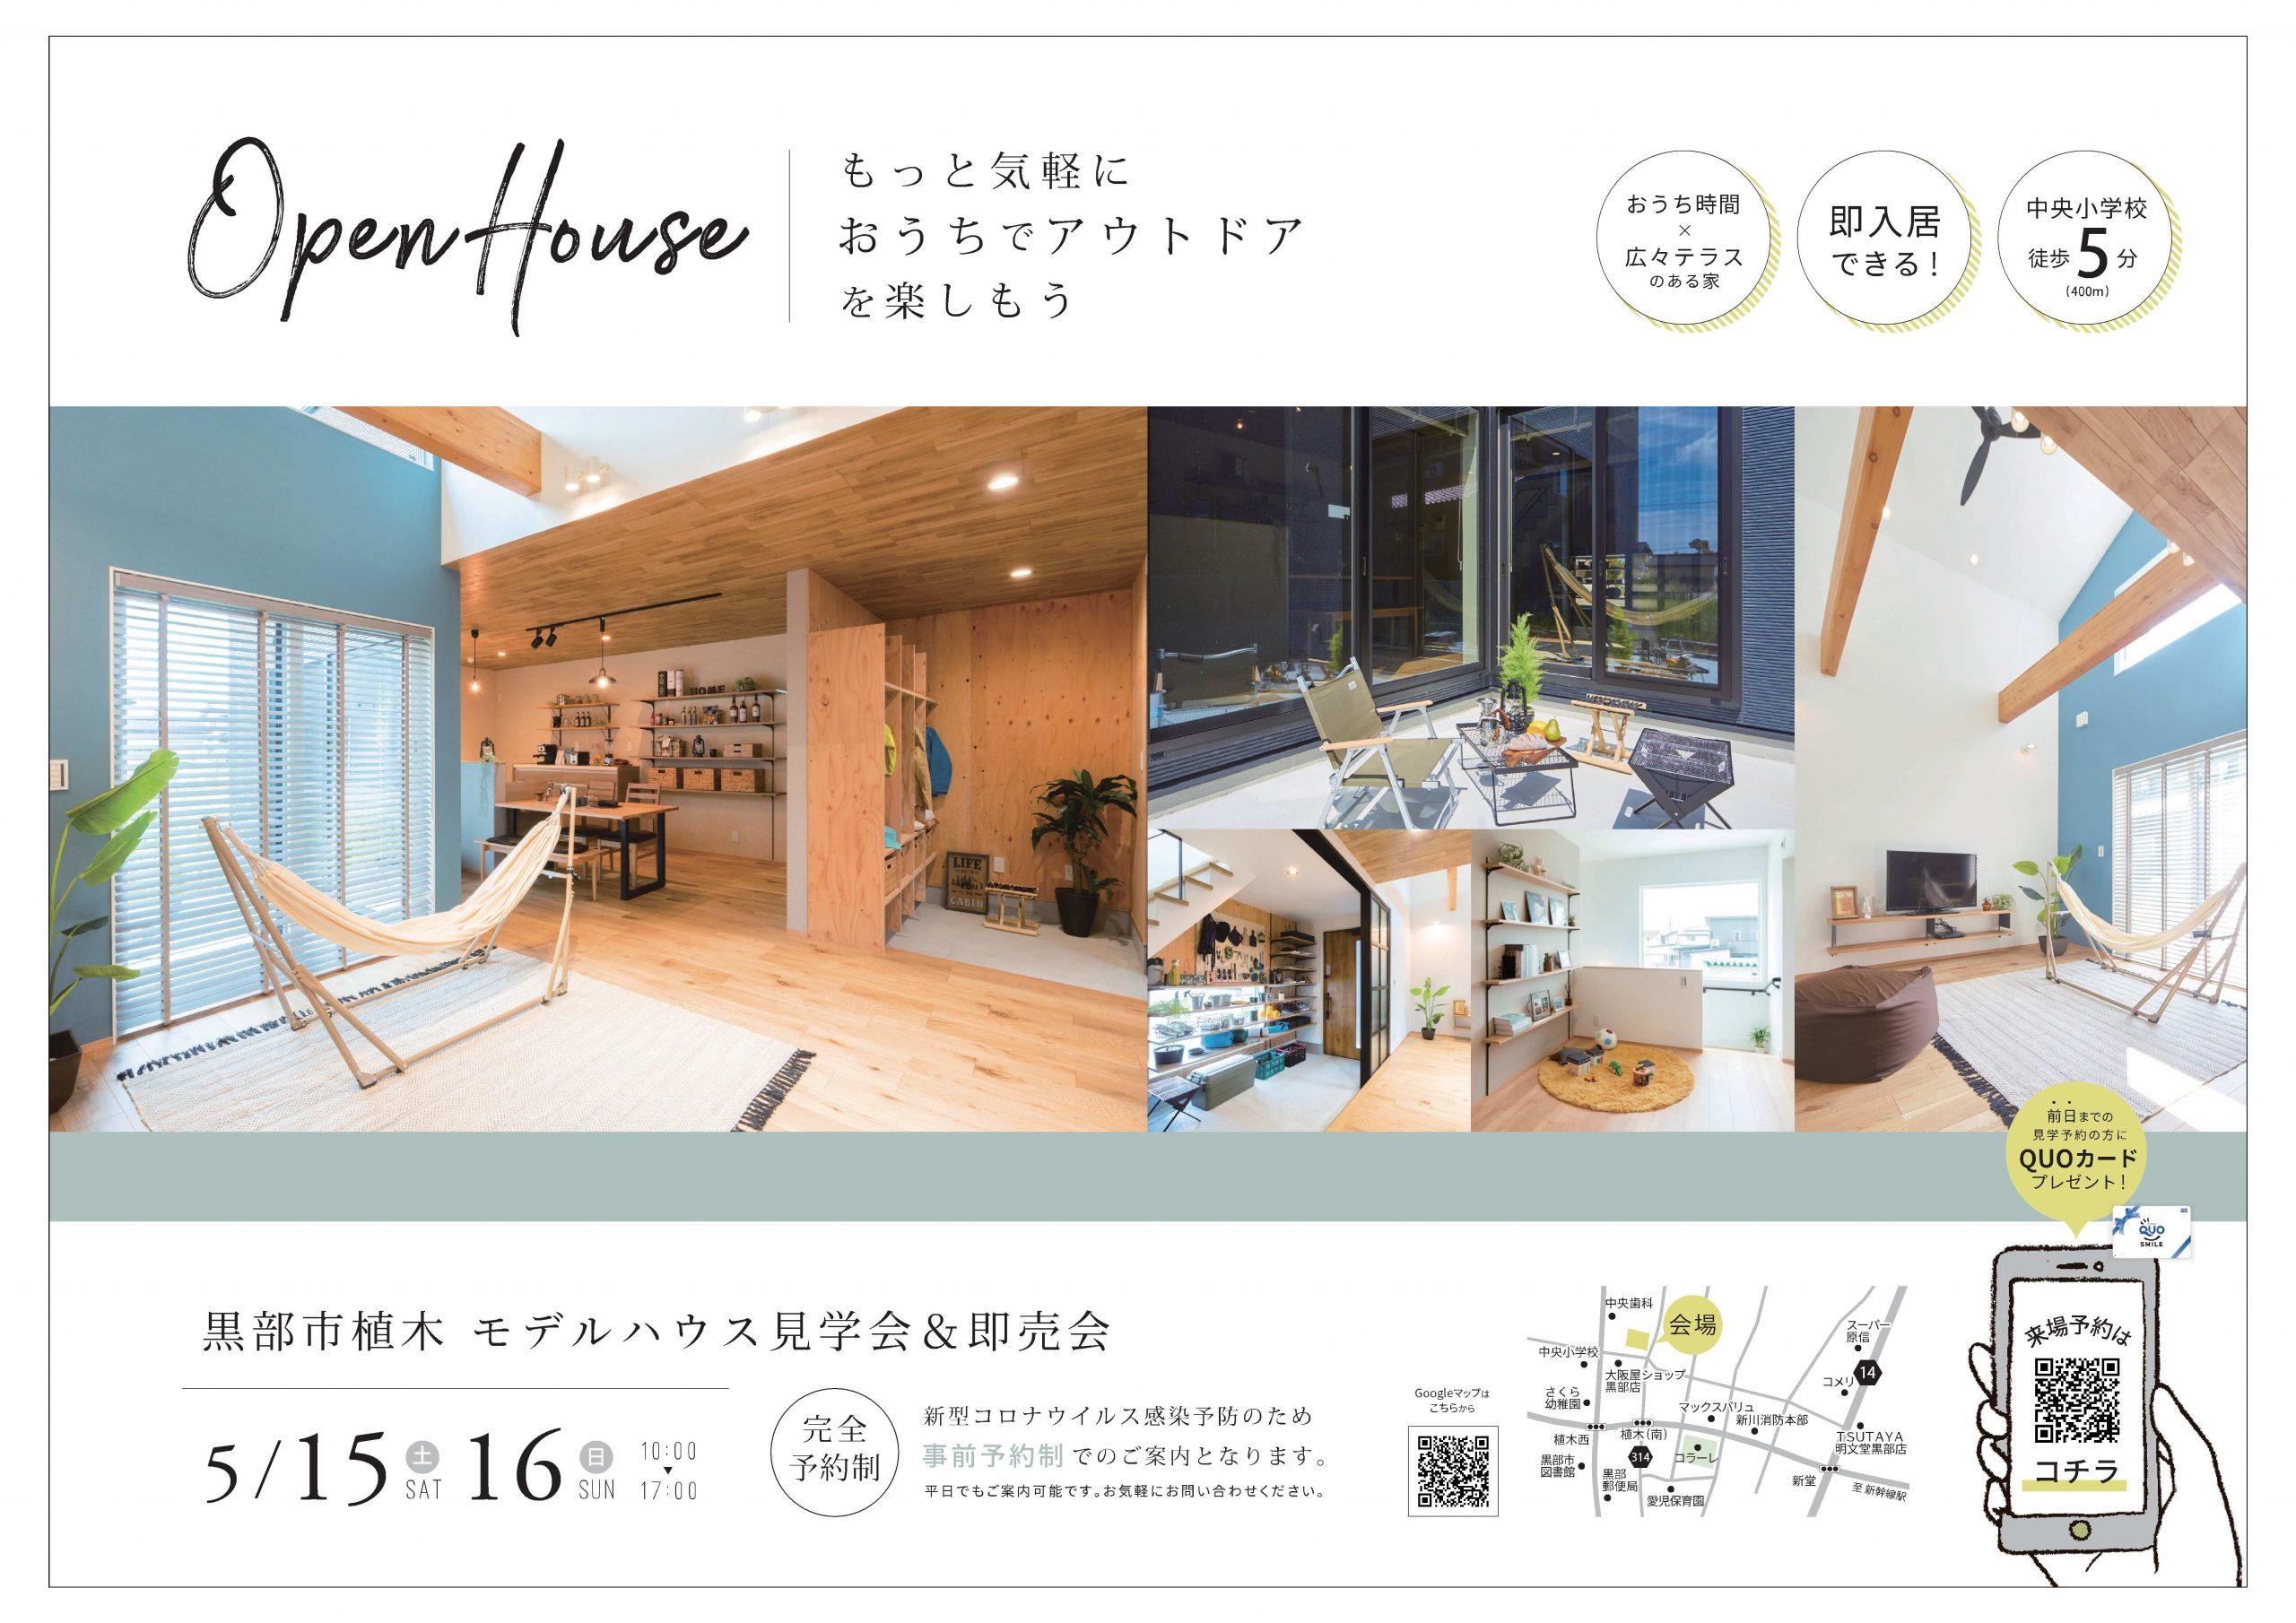 5/15(土)~16(日)黒部市植木モデルハウスOPENHOUSE【予約制】